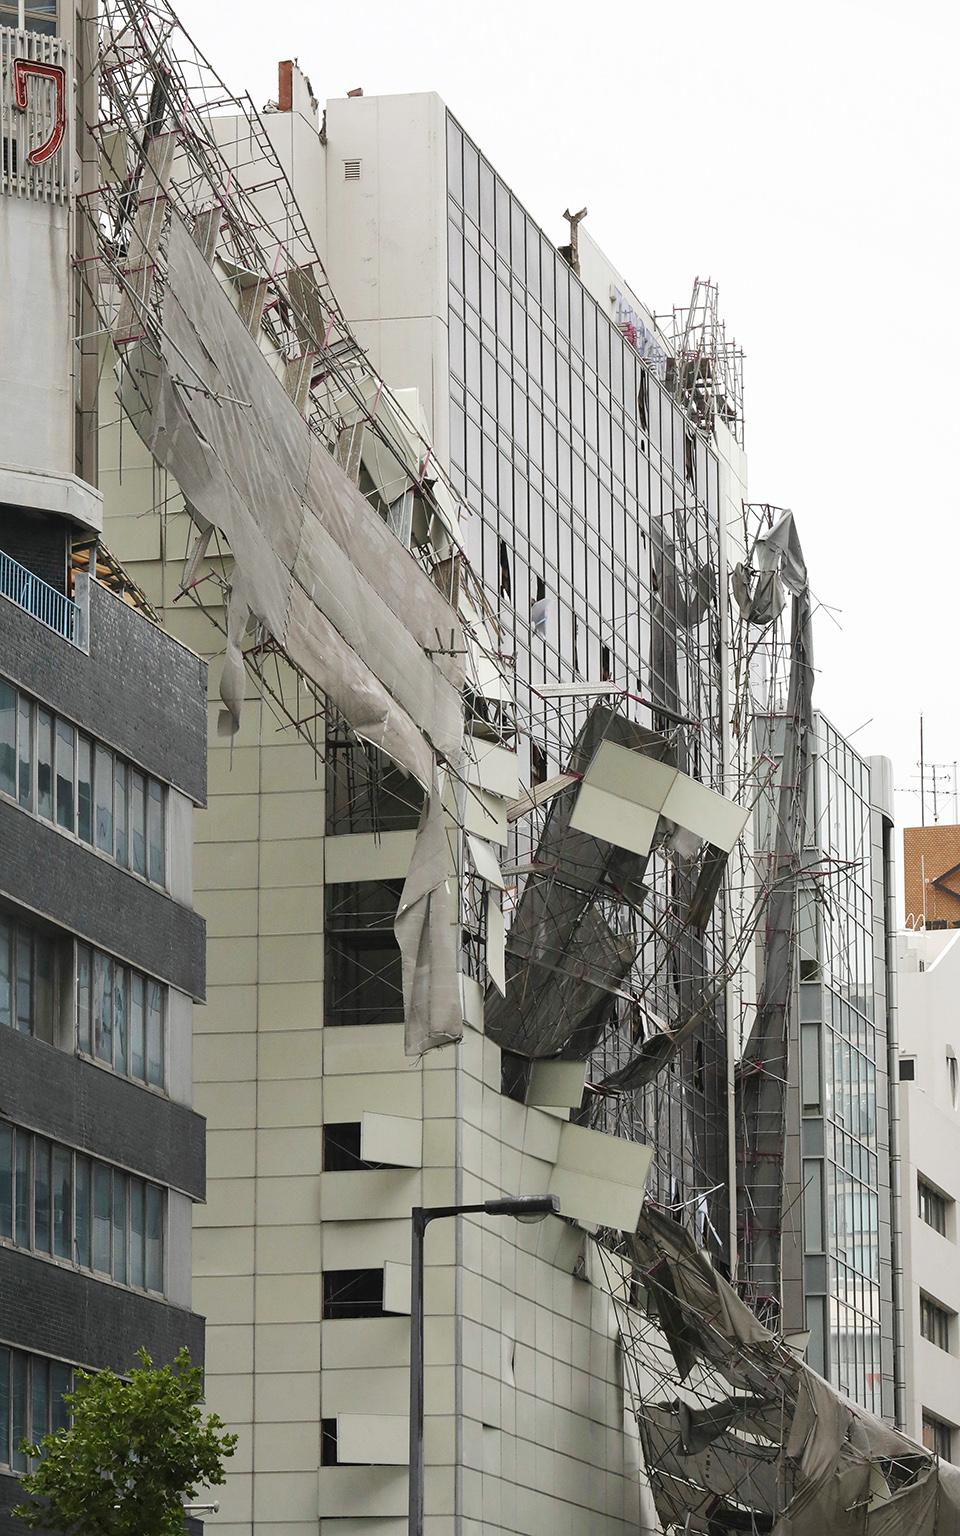 iaponia-exi-nekroi-kai-eikones-vivlikis-katastrofis-apo-ton-tyfona-tzempi-fotografies9